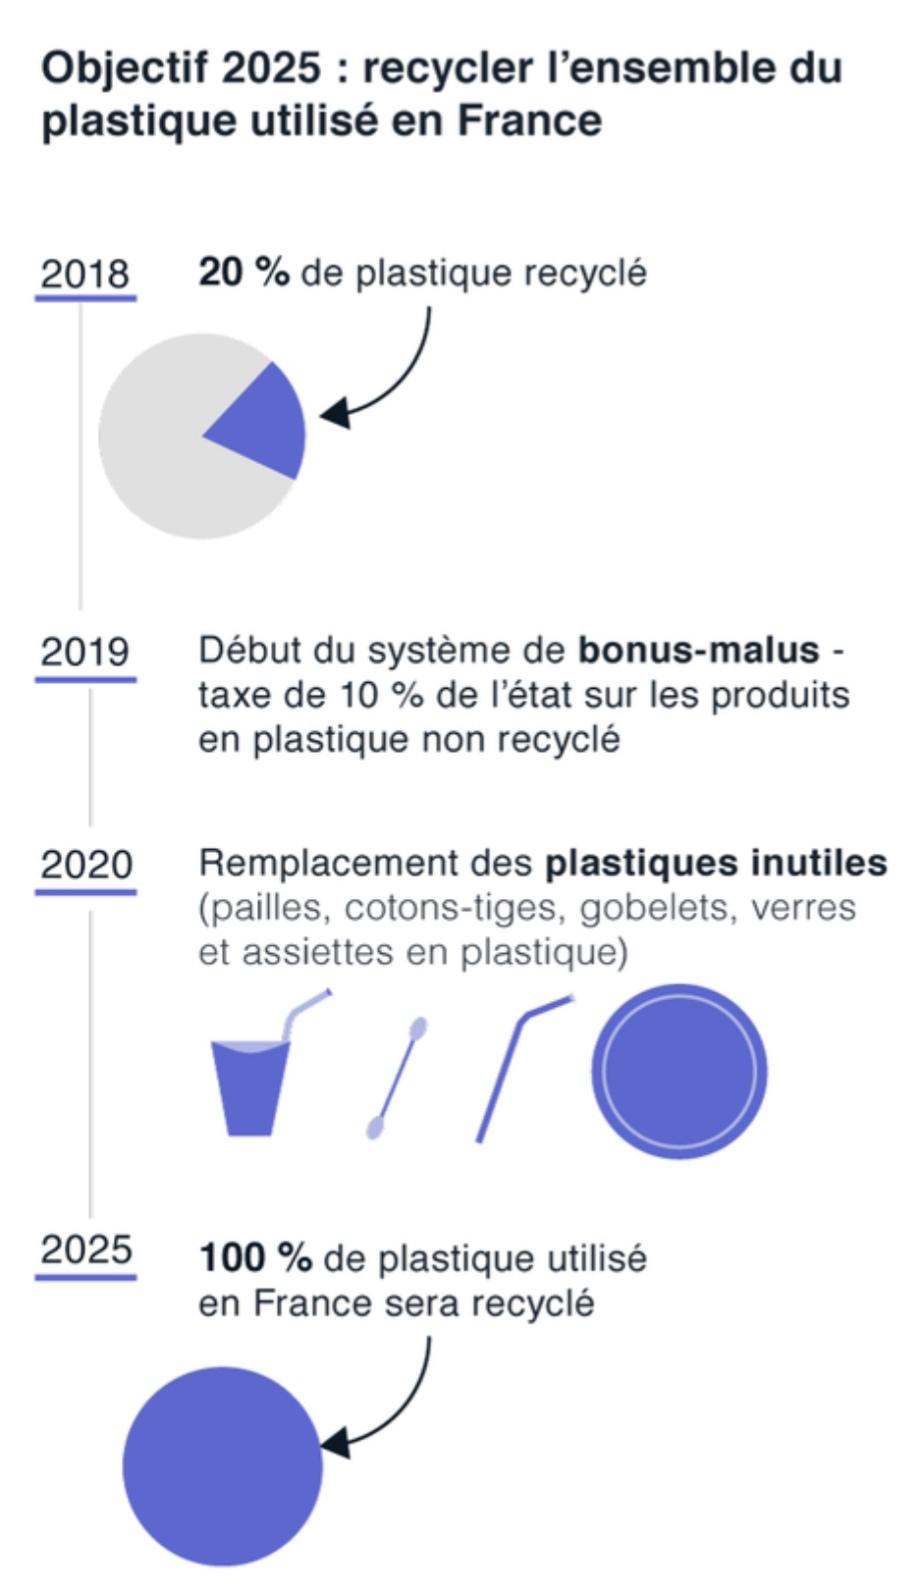 Triman, le recyclage du plastique d'ici 2025, une source lemonde.fr